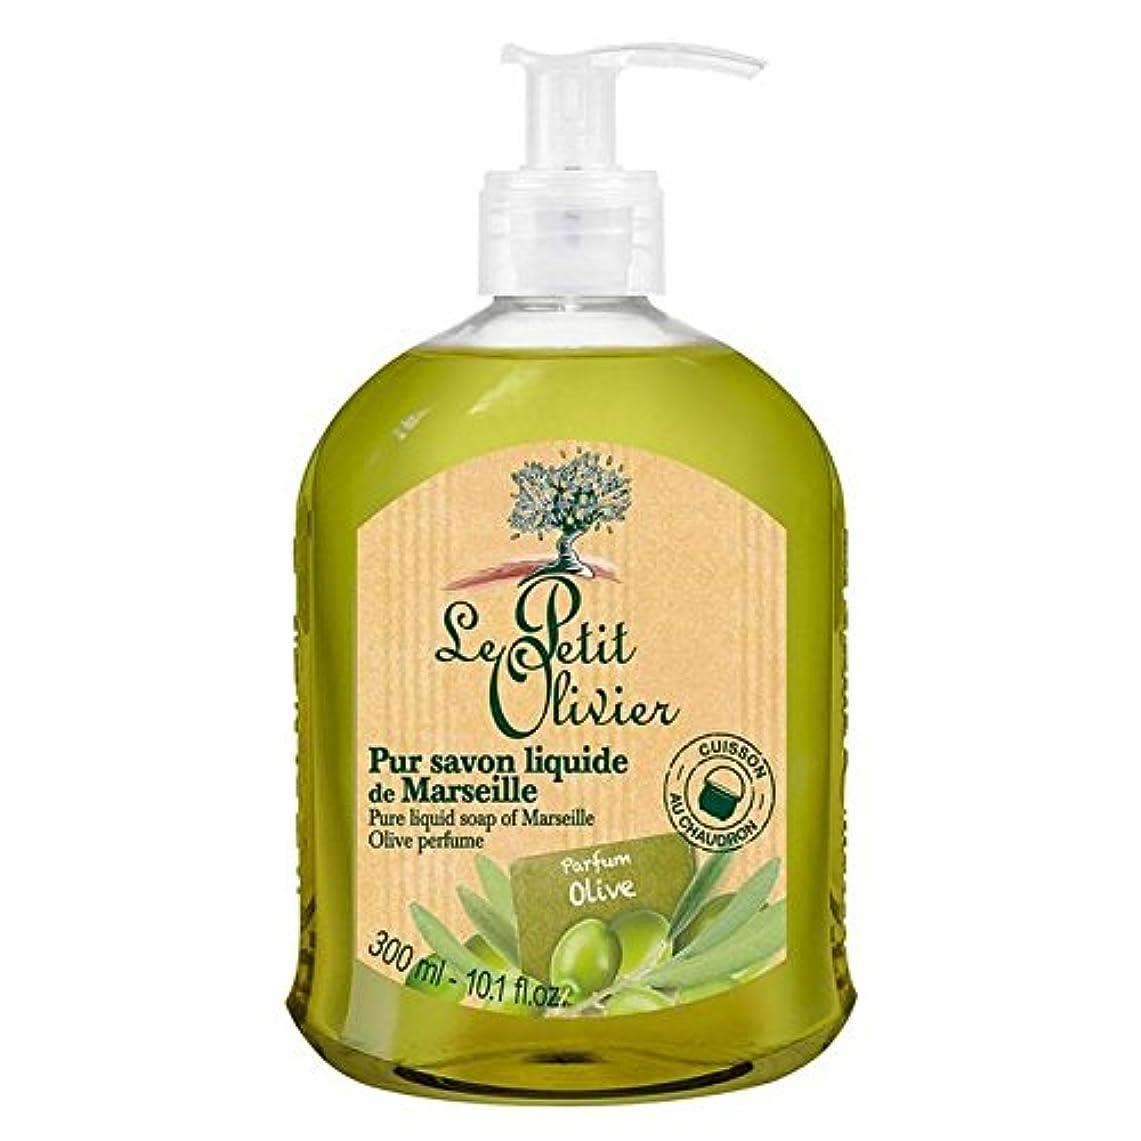 中古努力するごちそうマルセイユのル?プティ?オリヴィエ純粋な液体石鹸、オリーブオイル300ミリリットル x2 - Le Petit Olivier Pure Liquid Soap of Marseille, Olive Oil 300ml...